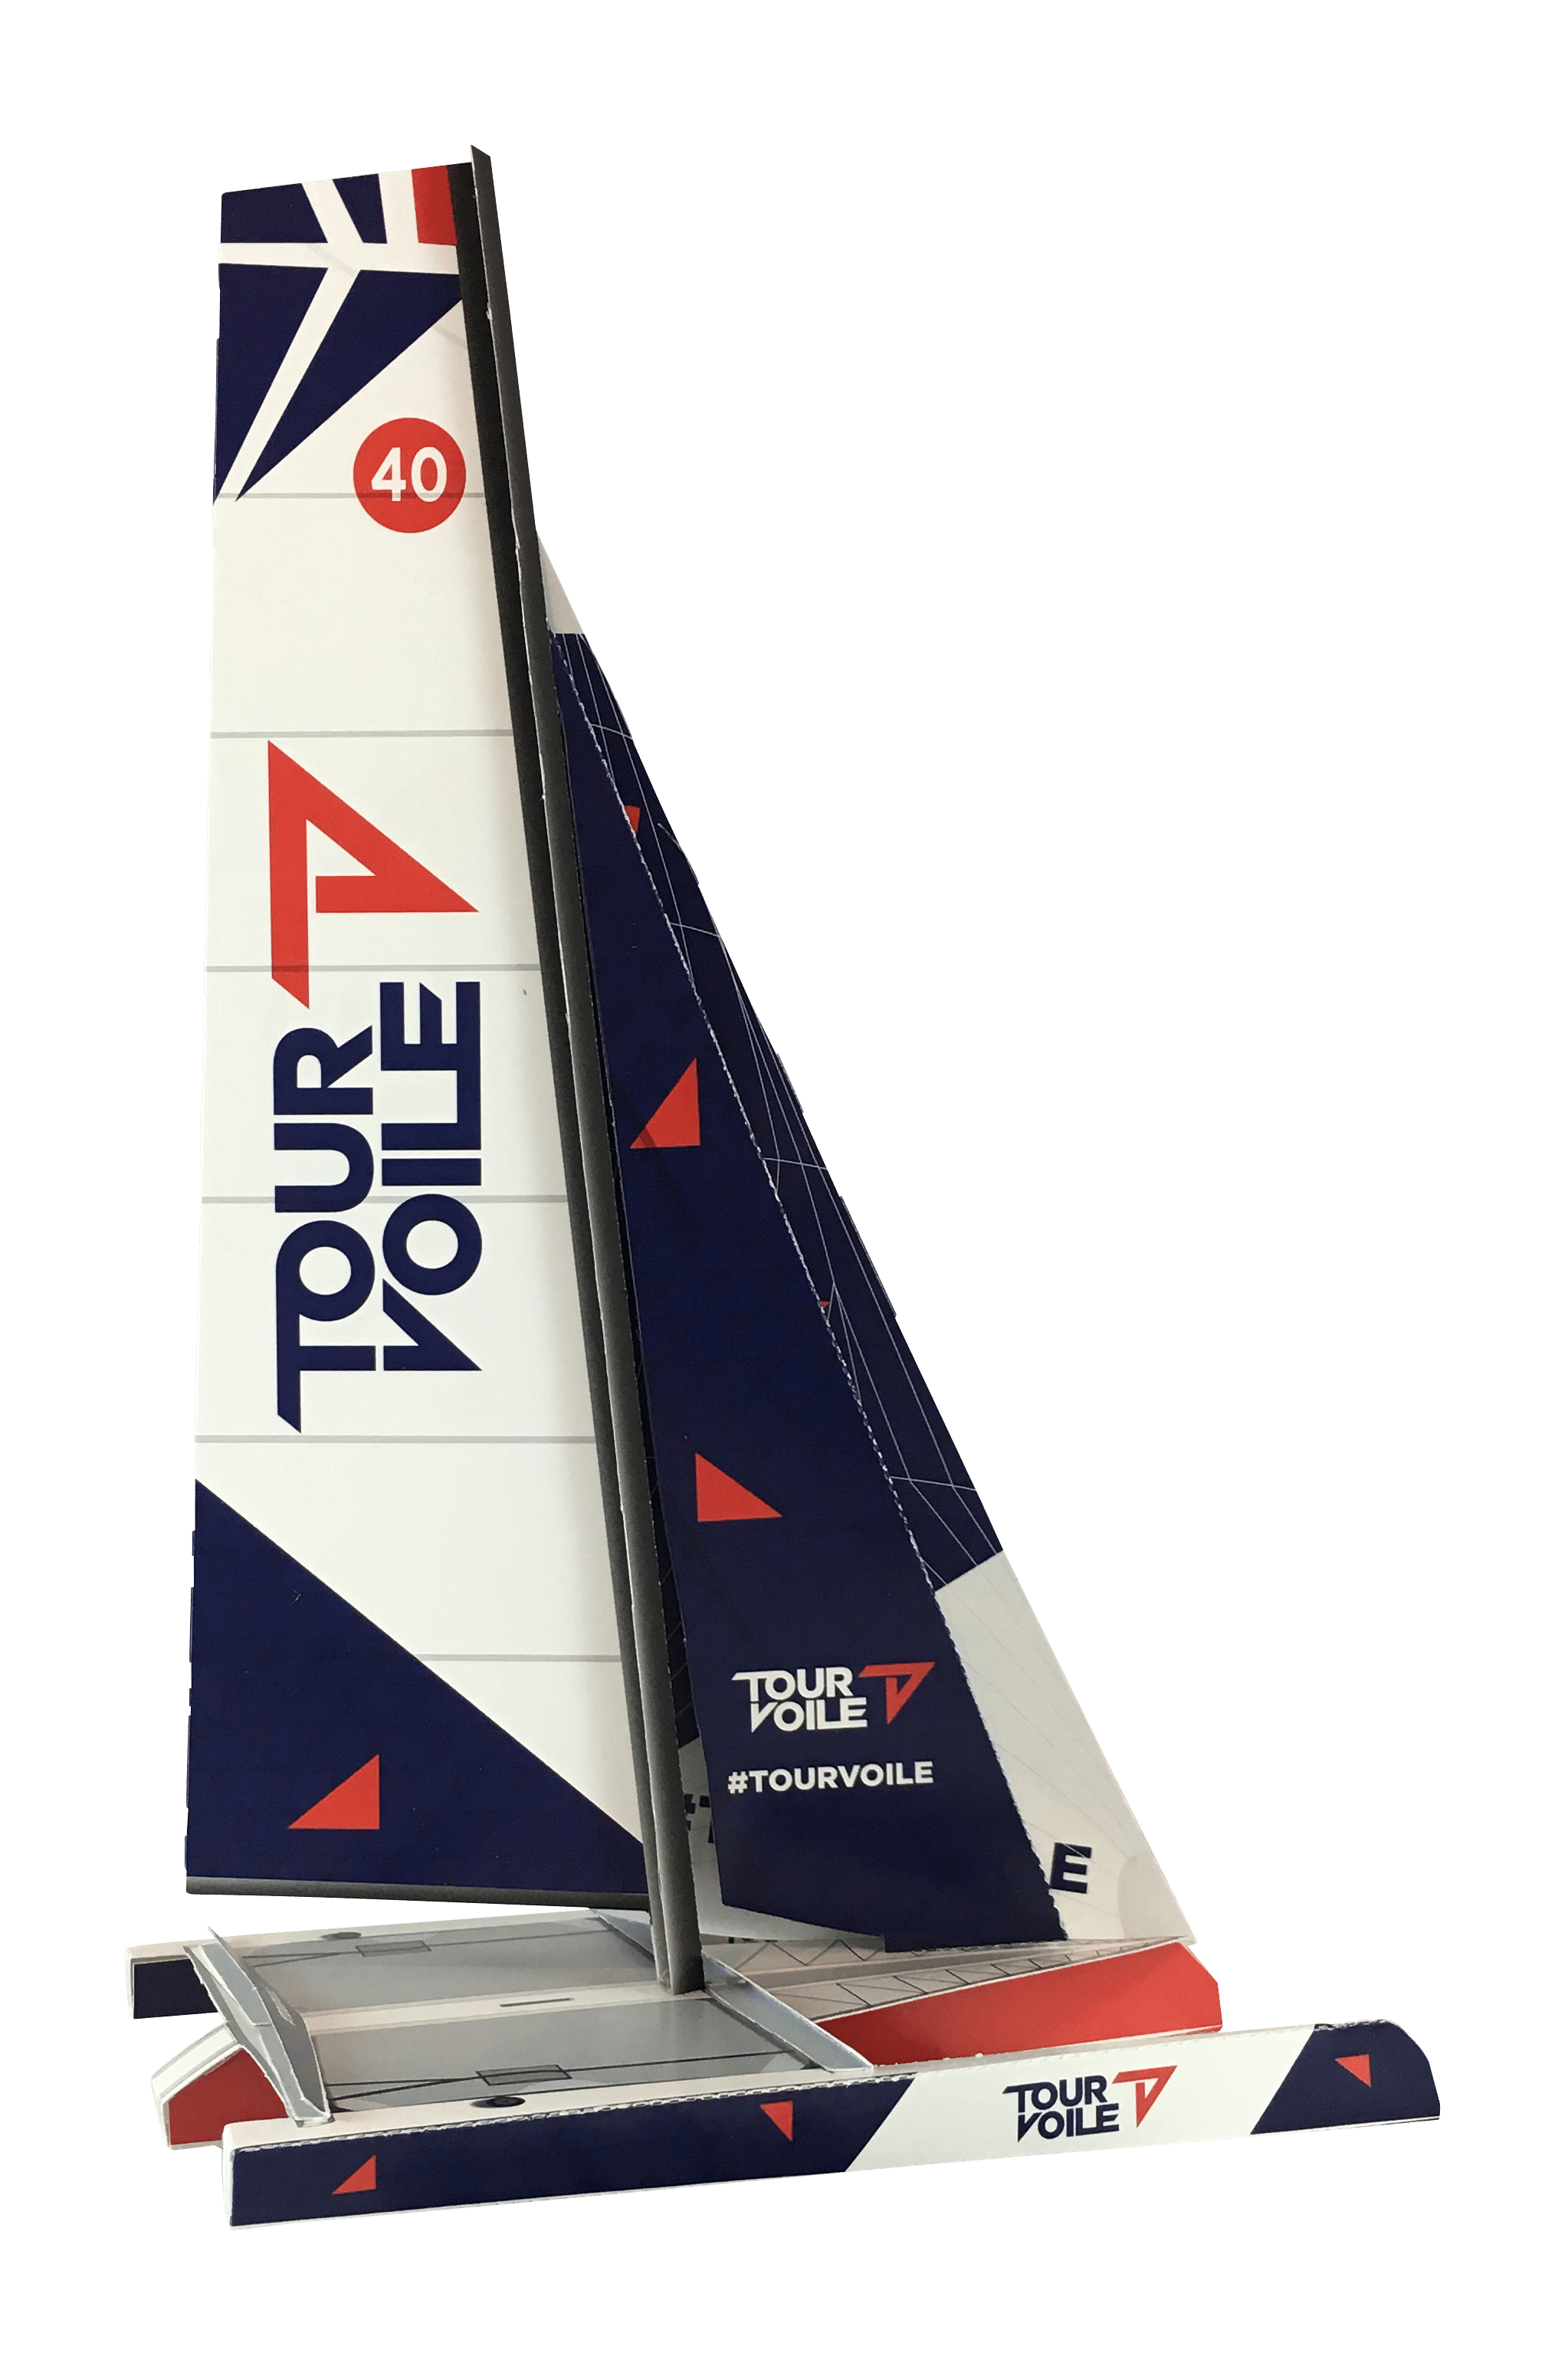 IMG_4560.png - Maquette en papier du Diam24 Tour de France à la Voile 2018